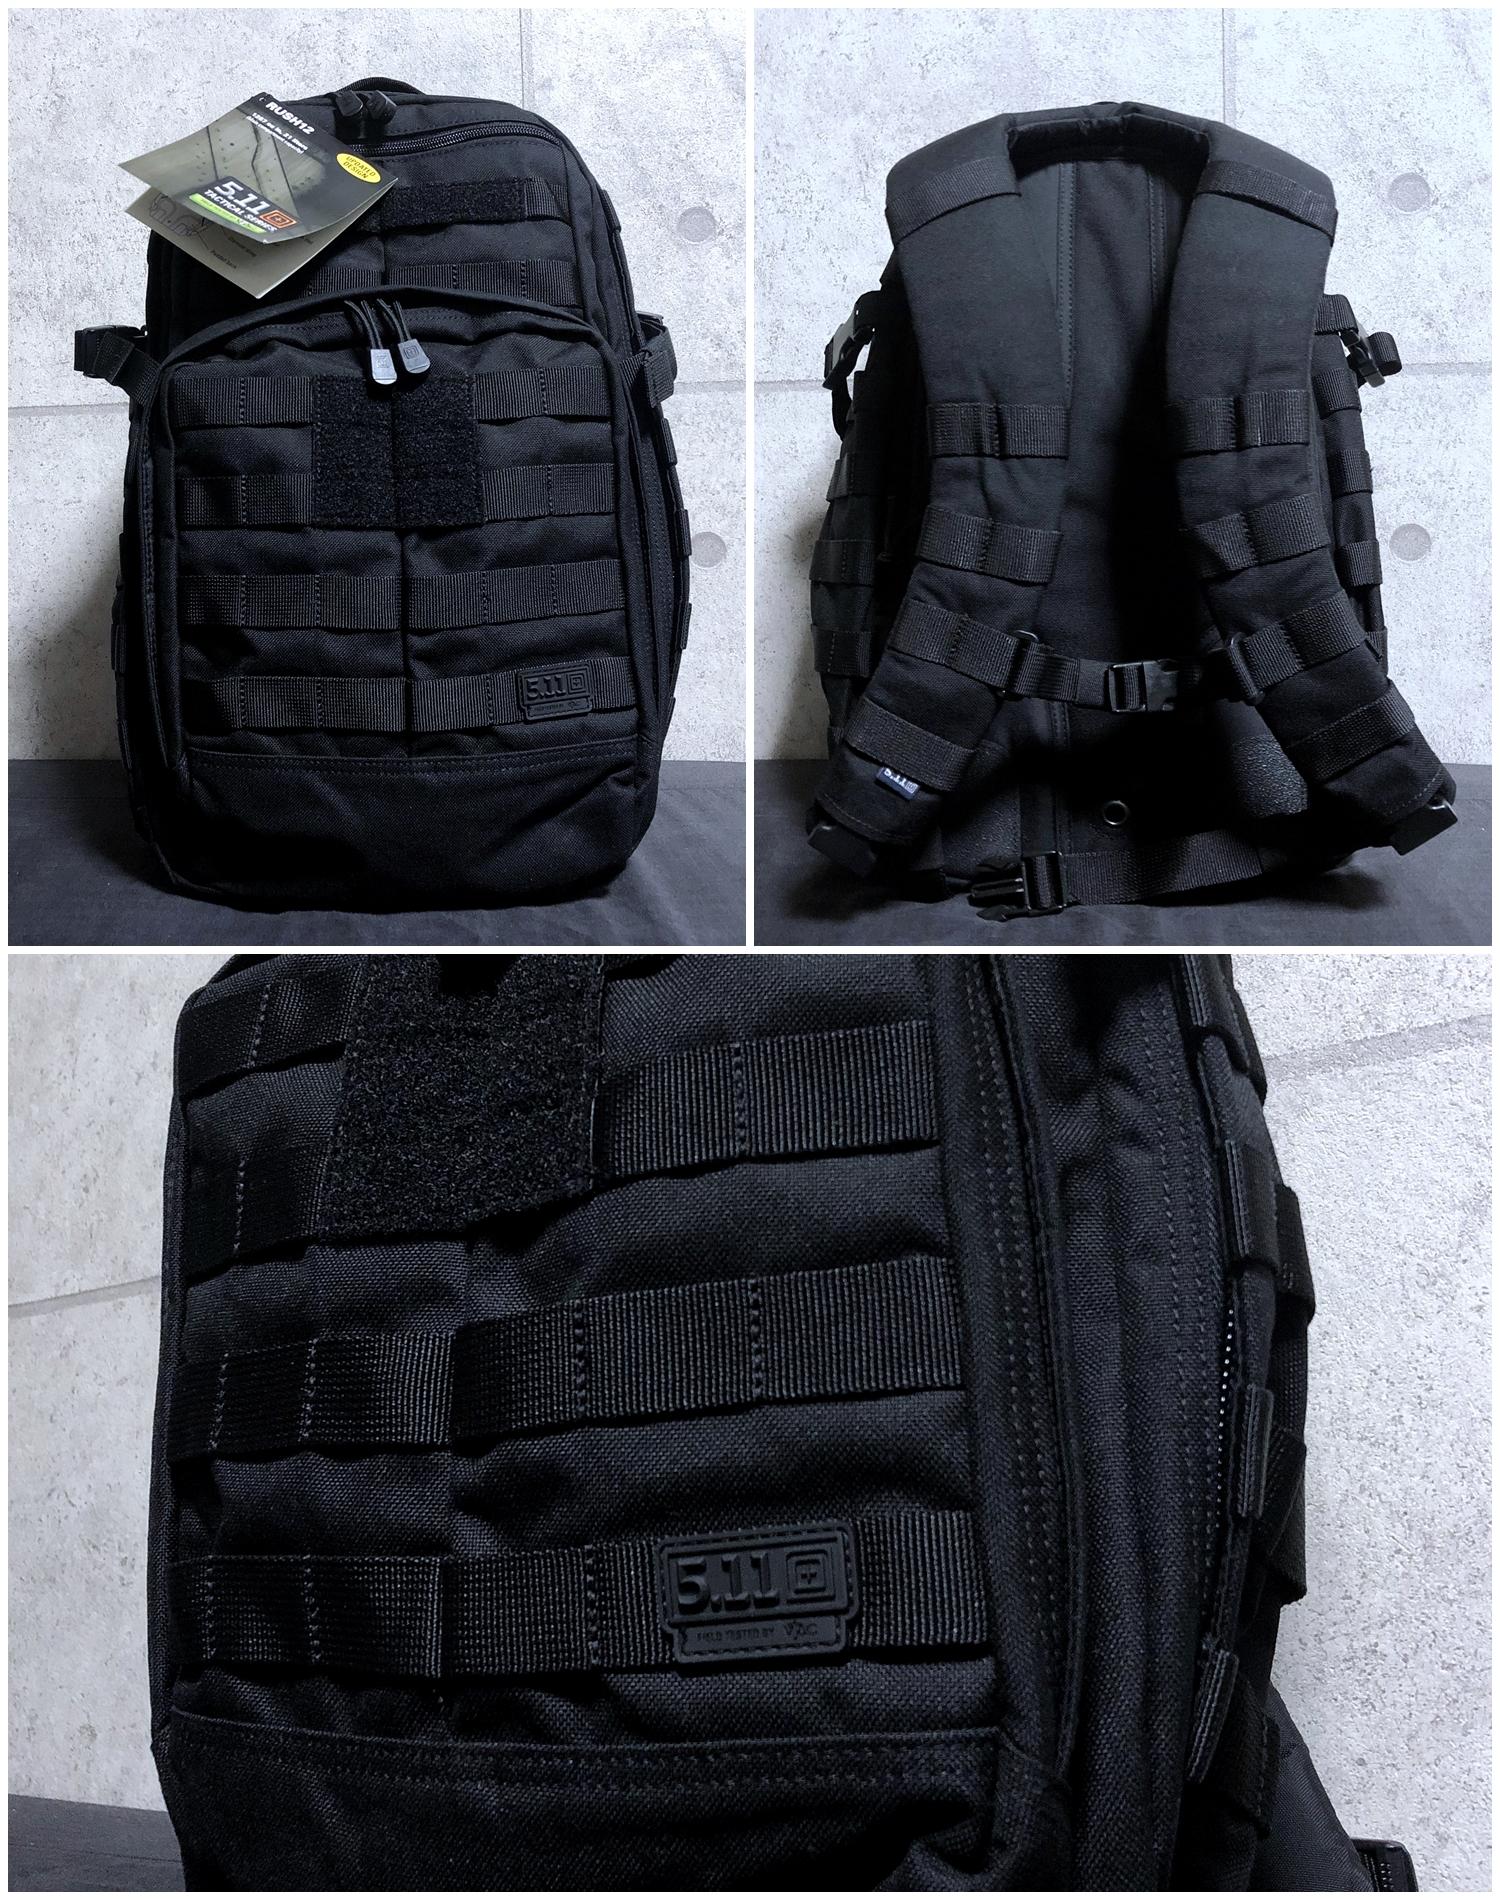 1 実物 511 Tactical RUSH 12 BACKPACK CUSTOM!! ライフルケース・ストラップシステム・ポーチ・ワッペン・ITW TAC LINKなど!! ファイブイレブン タクティカル ラッシュ バックパック カスタム!! 購入 取付 レビュー